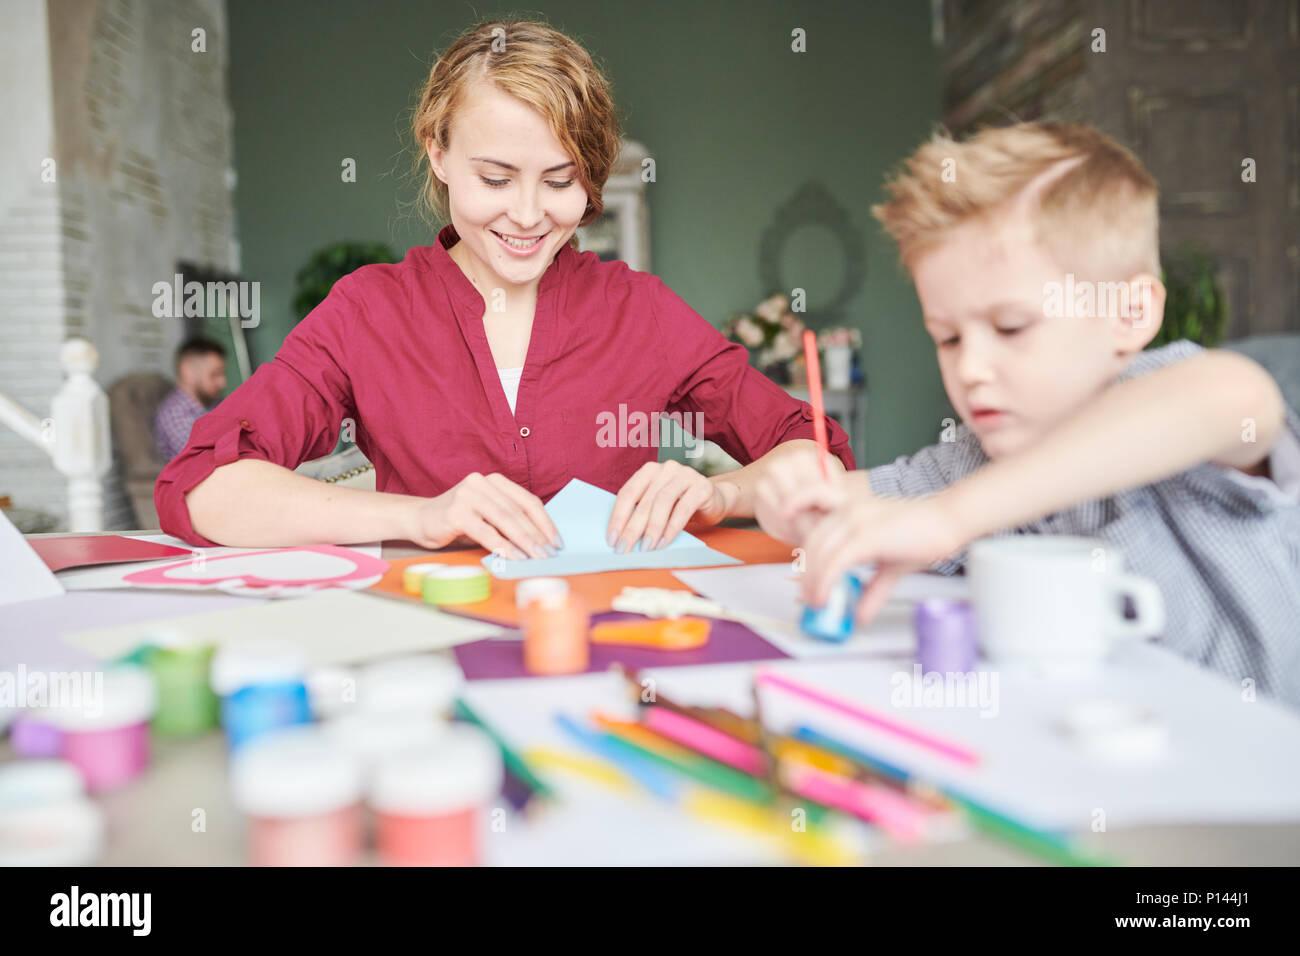 Tornando presente de Dia dos Pais Imagens de Stock